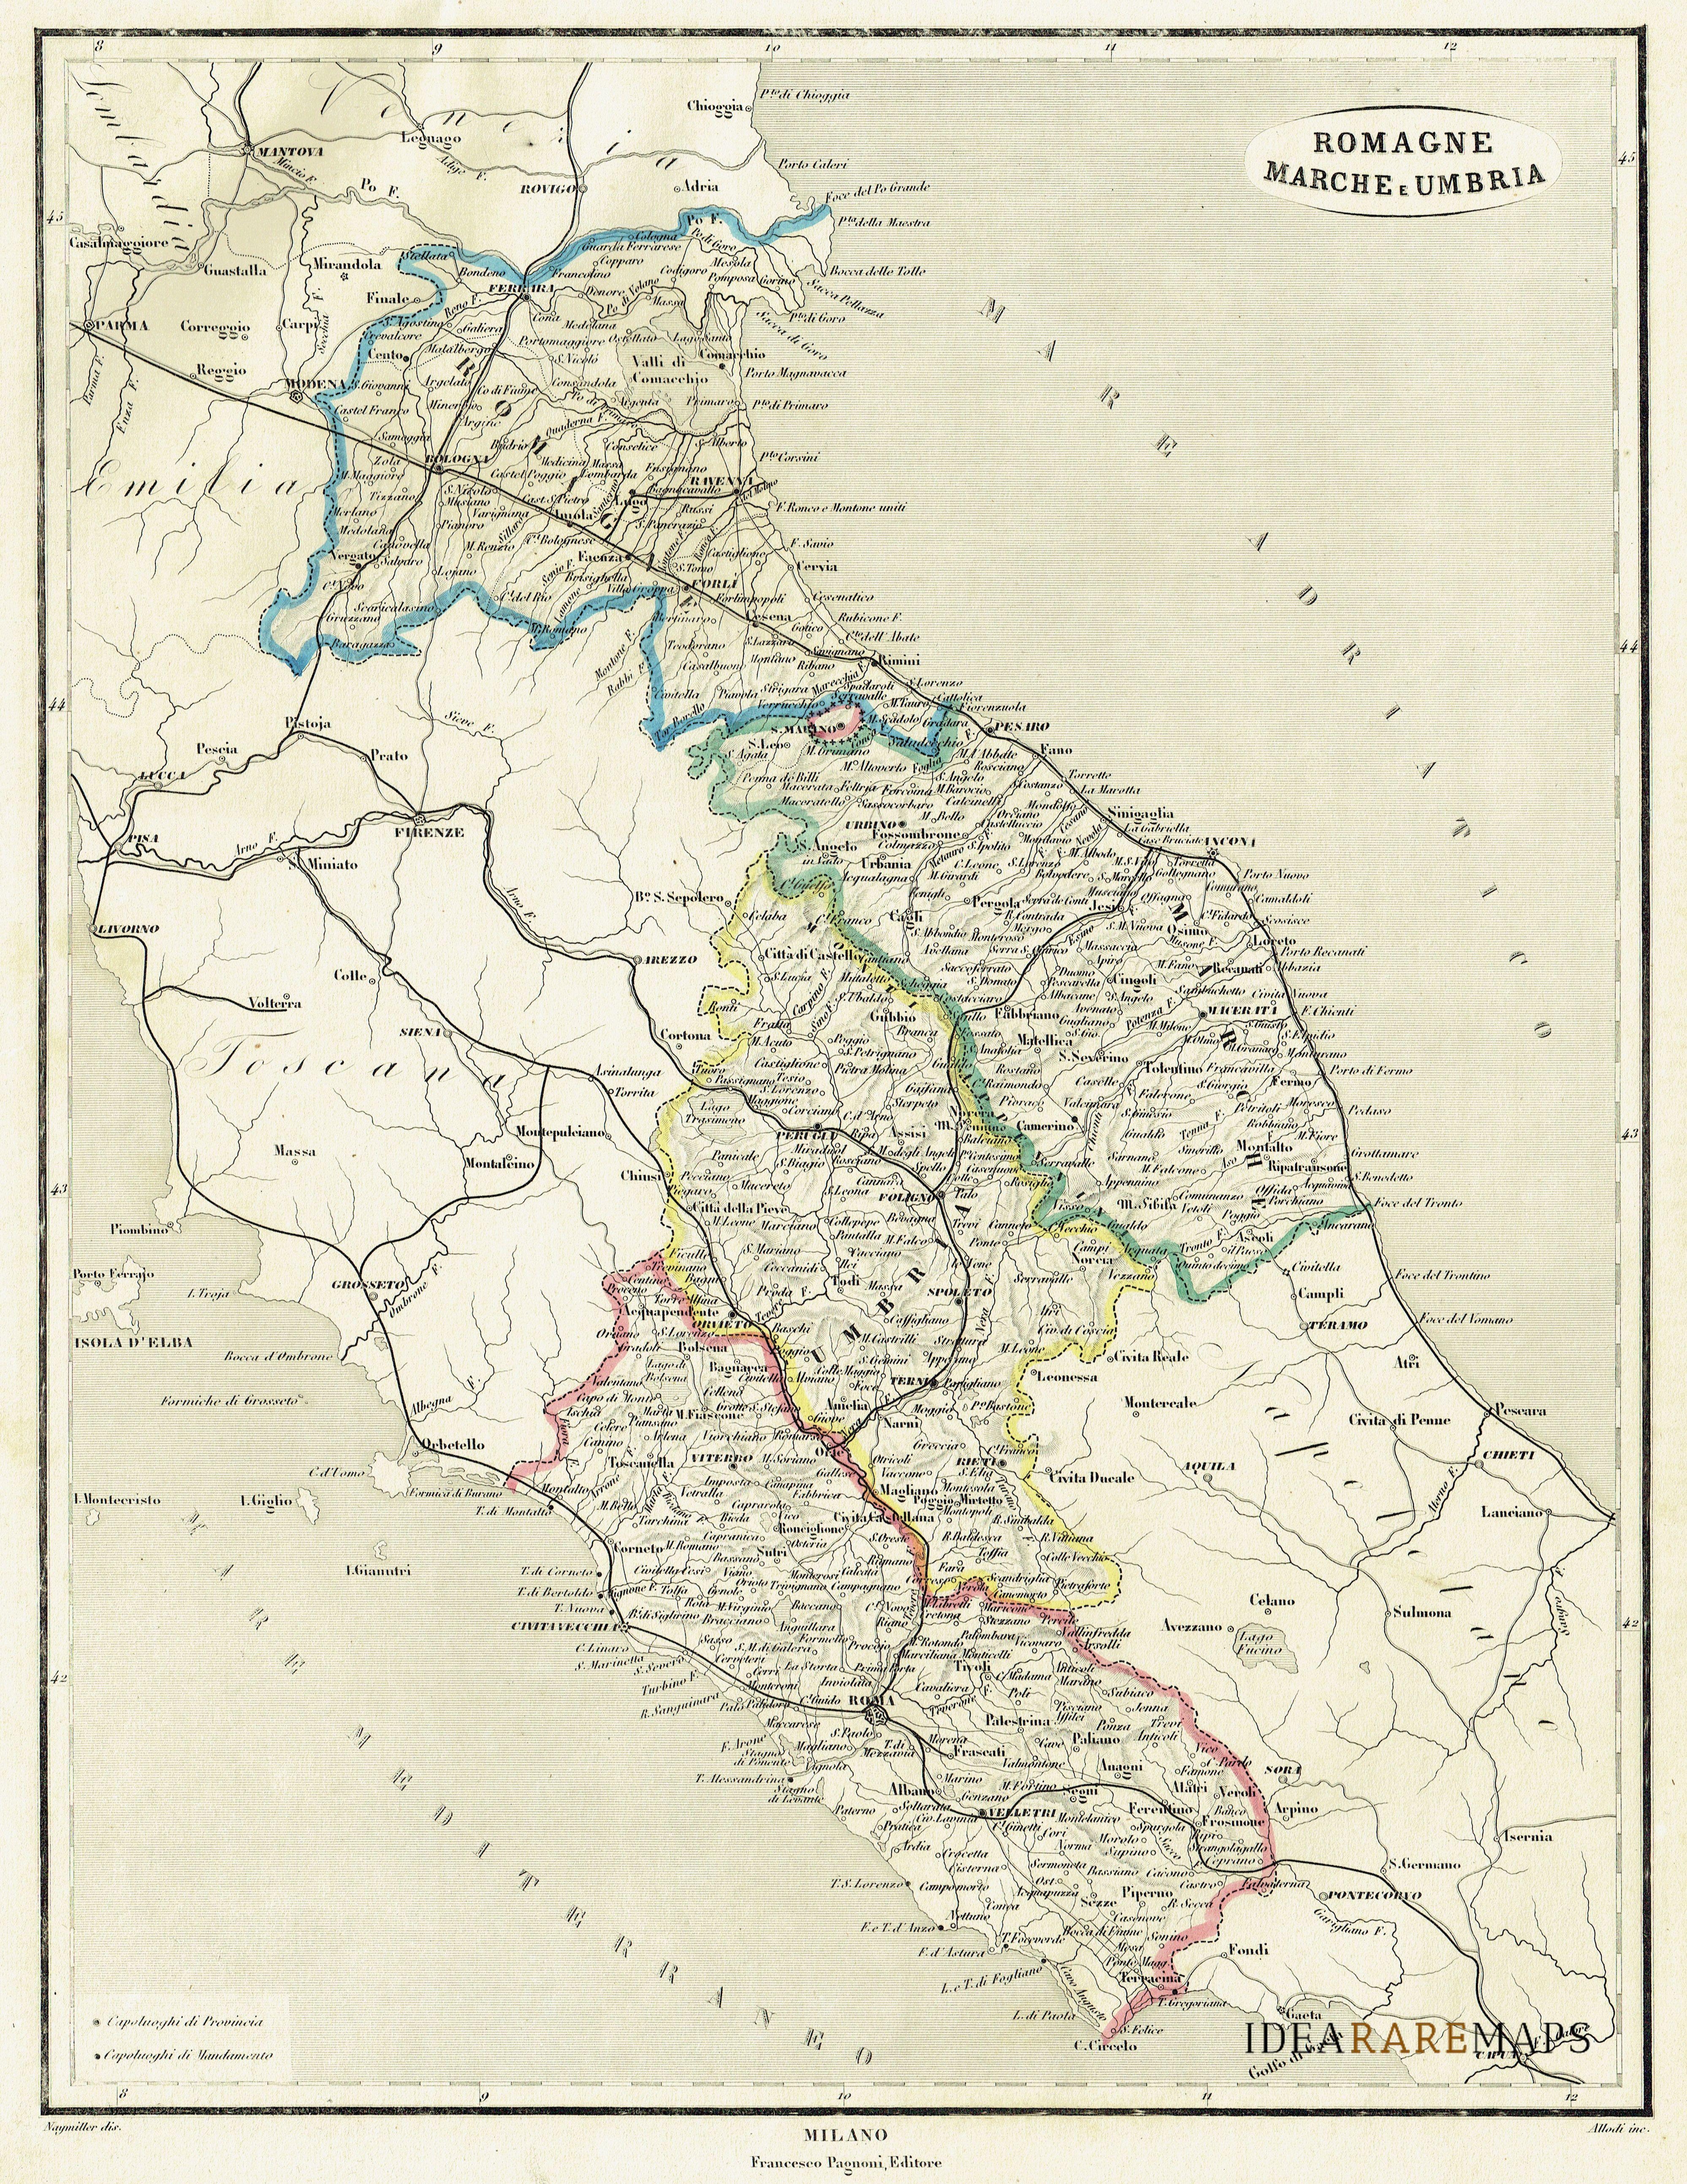 Cartina Geografica Umbria Marche.Antica Carta Dell Emilia Romagna Allodi F Naymiller Idea Rare Maps